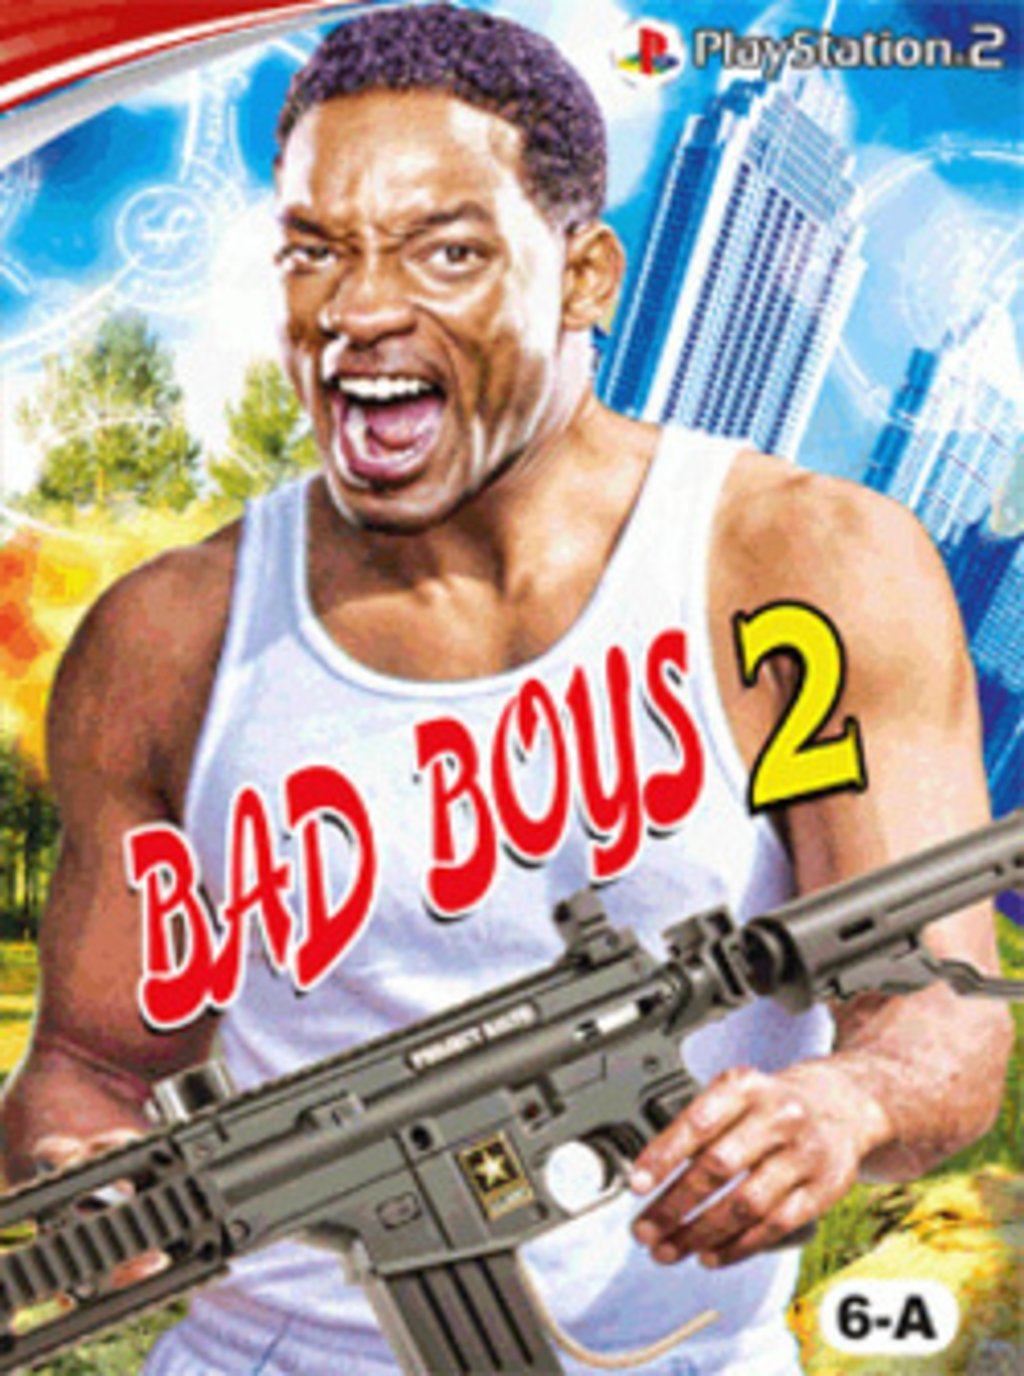 bad-boys-2-rcm1024x0u.jpg